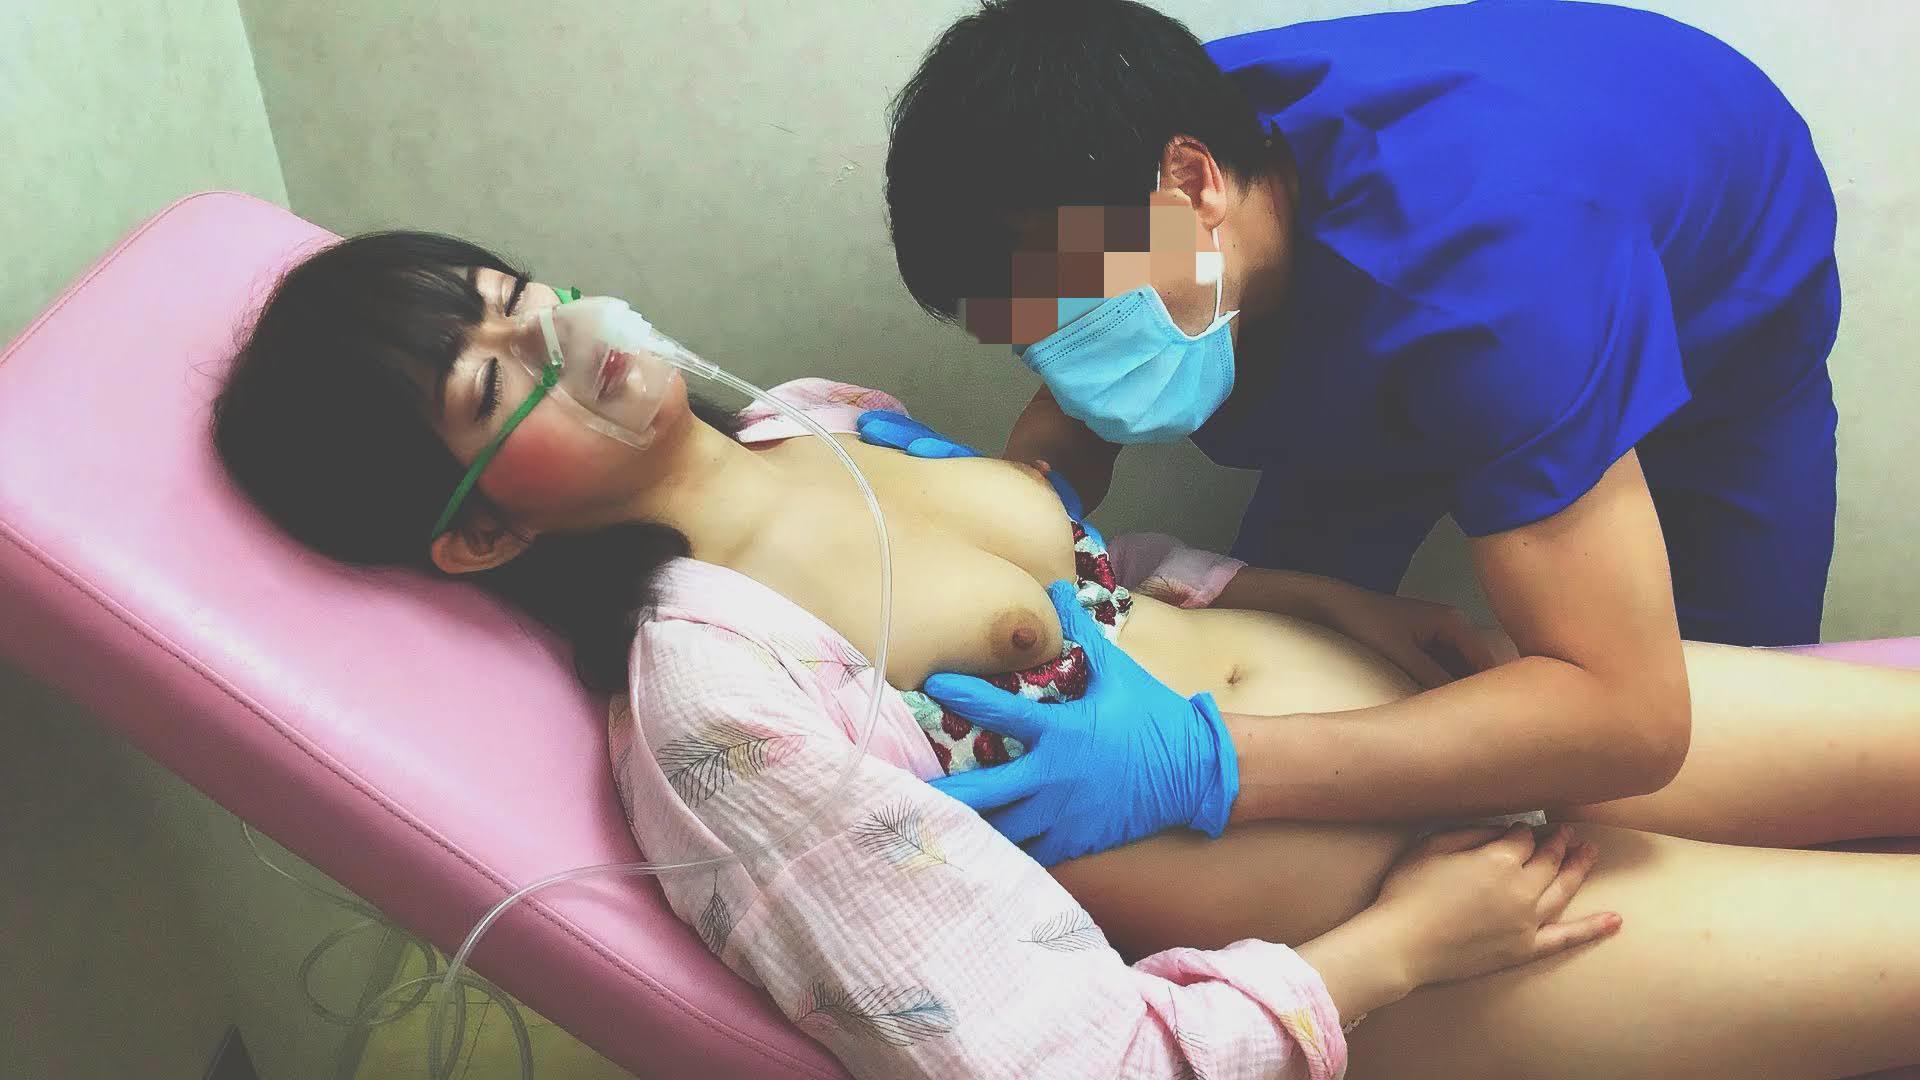 【カルテ#3】動画投稿サイトに存在する医師らしき男と若い女性患者の映像